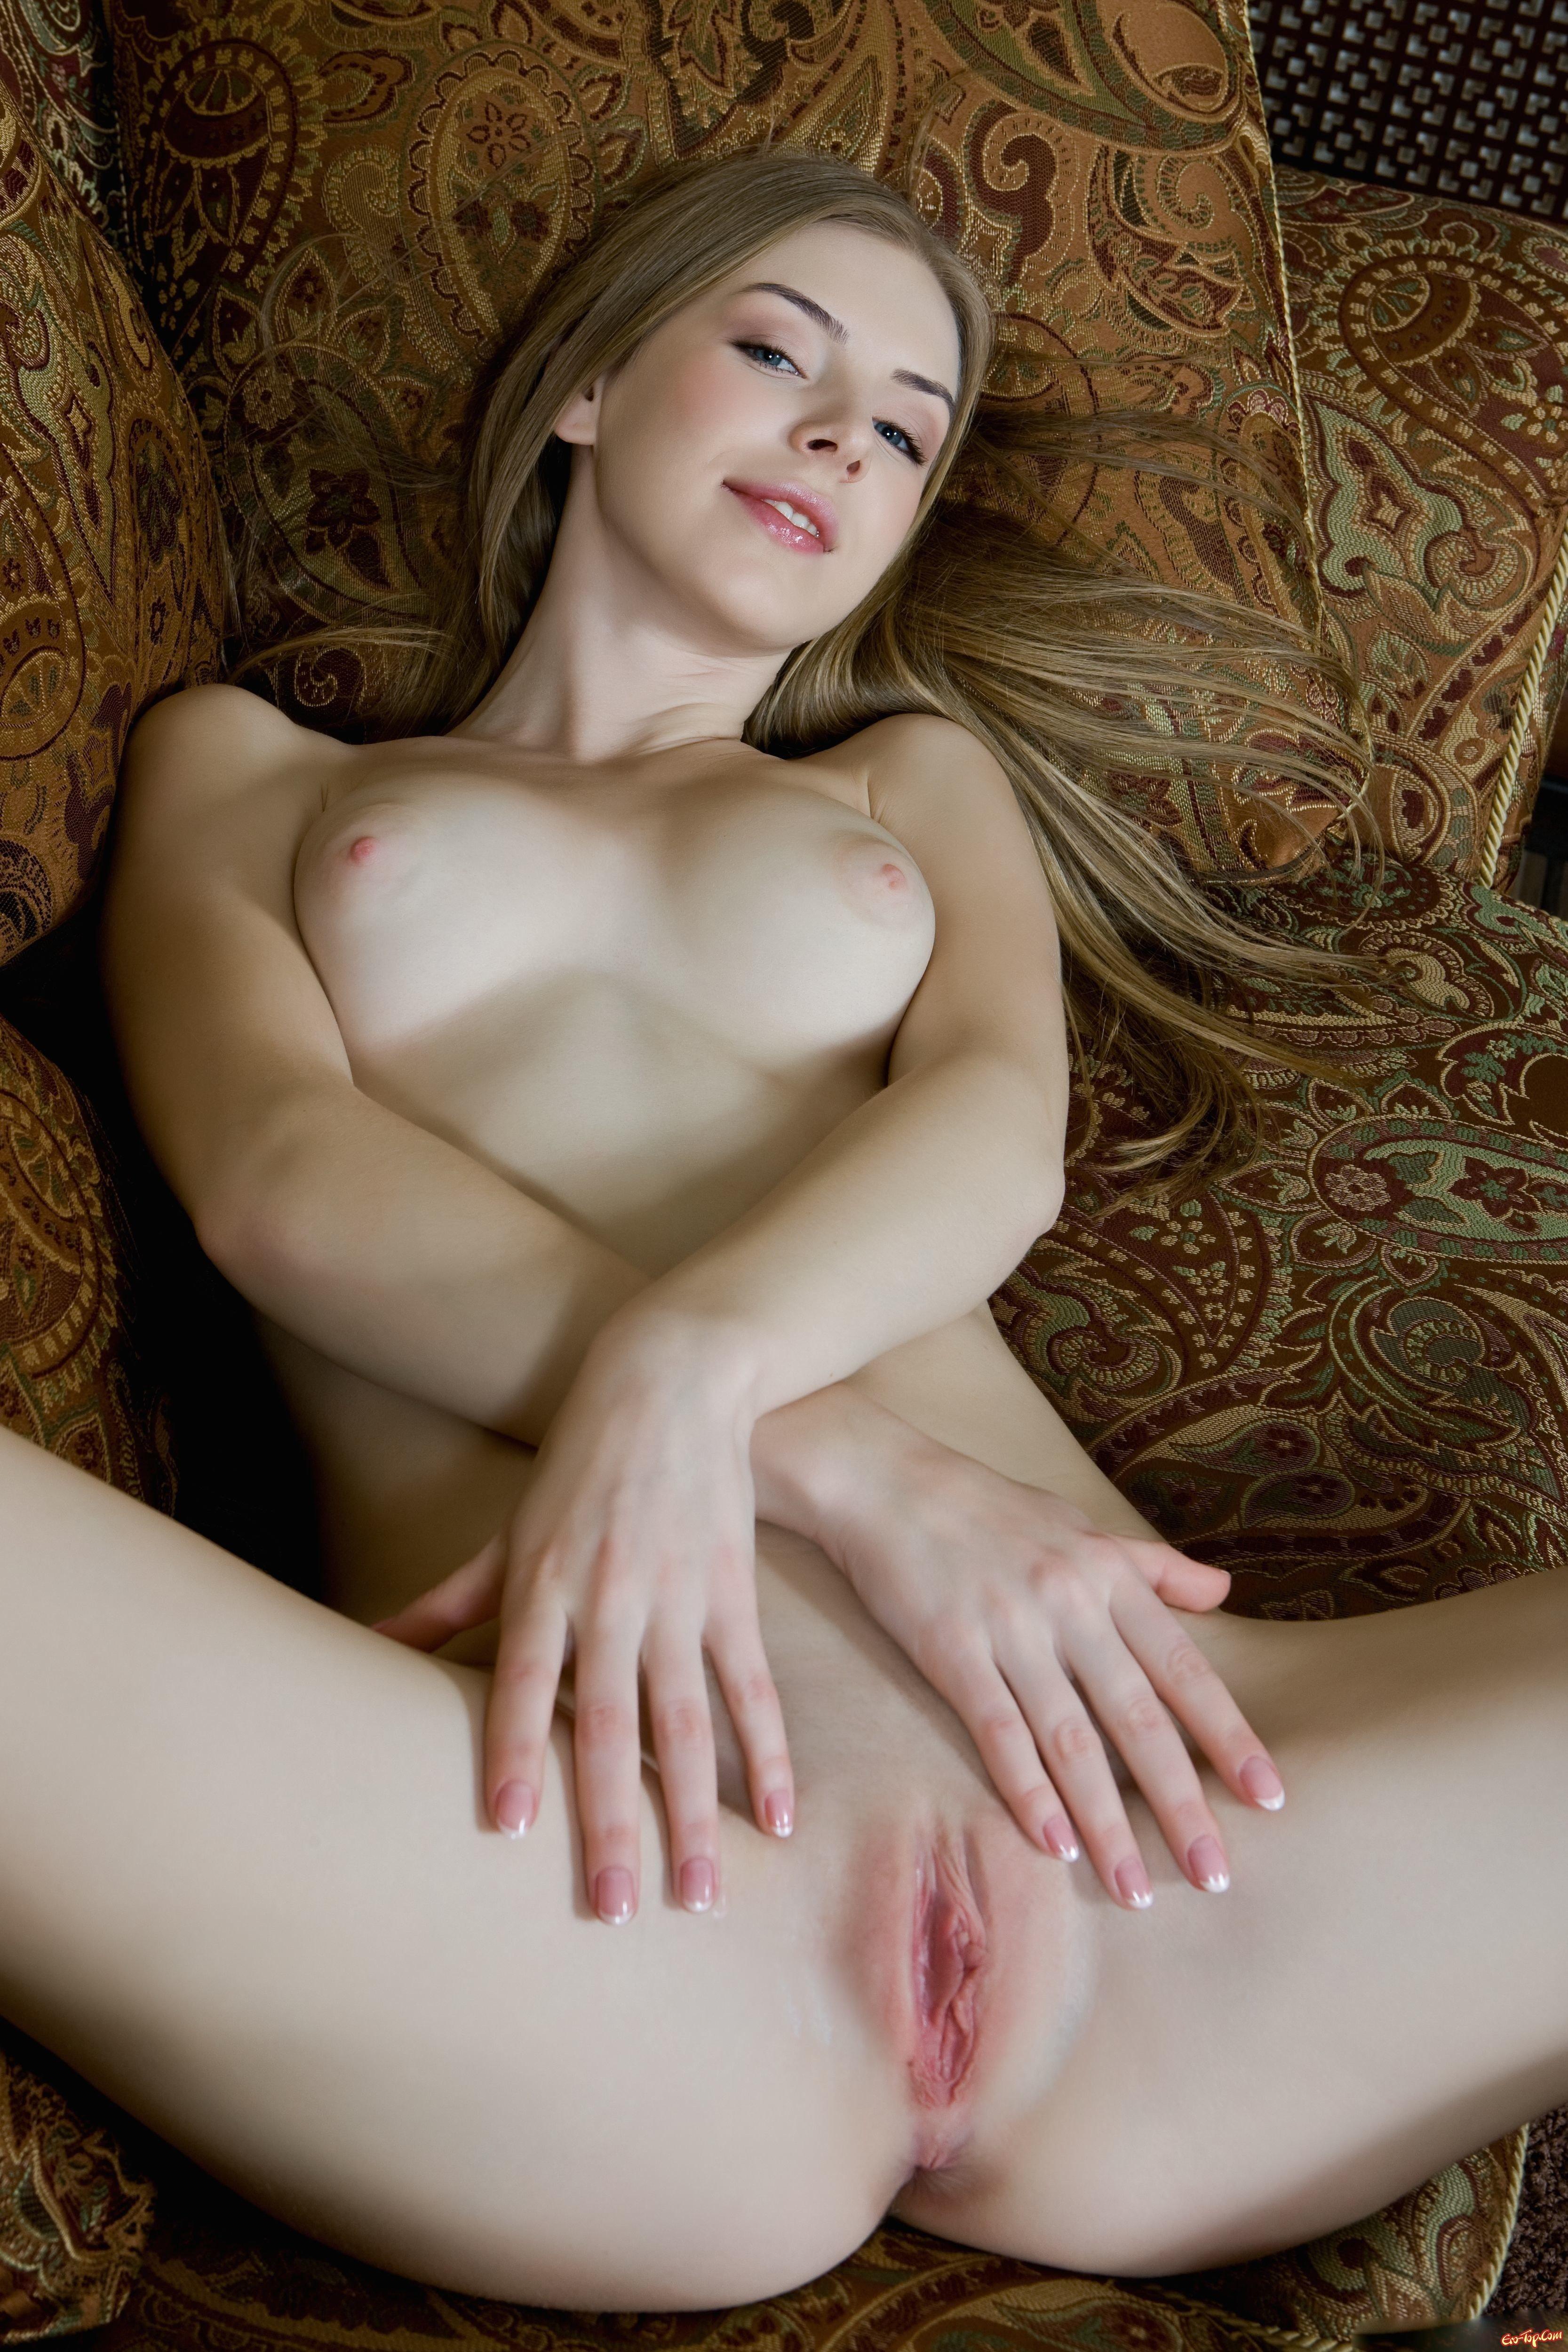 Стриженная розовая пизда сучки со свелыми волосами